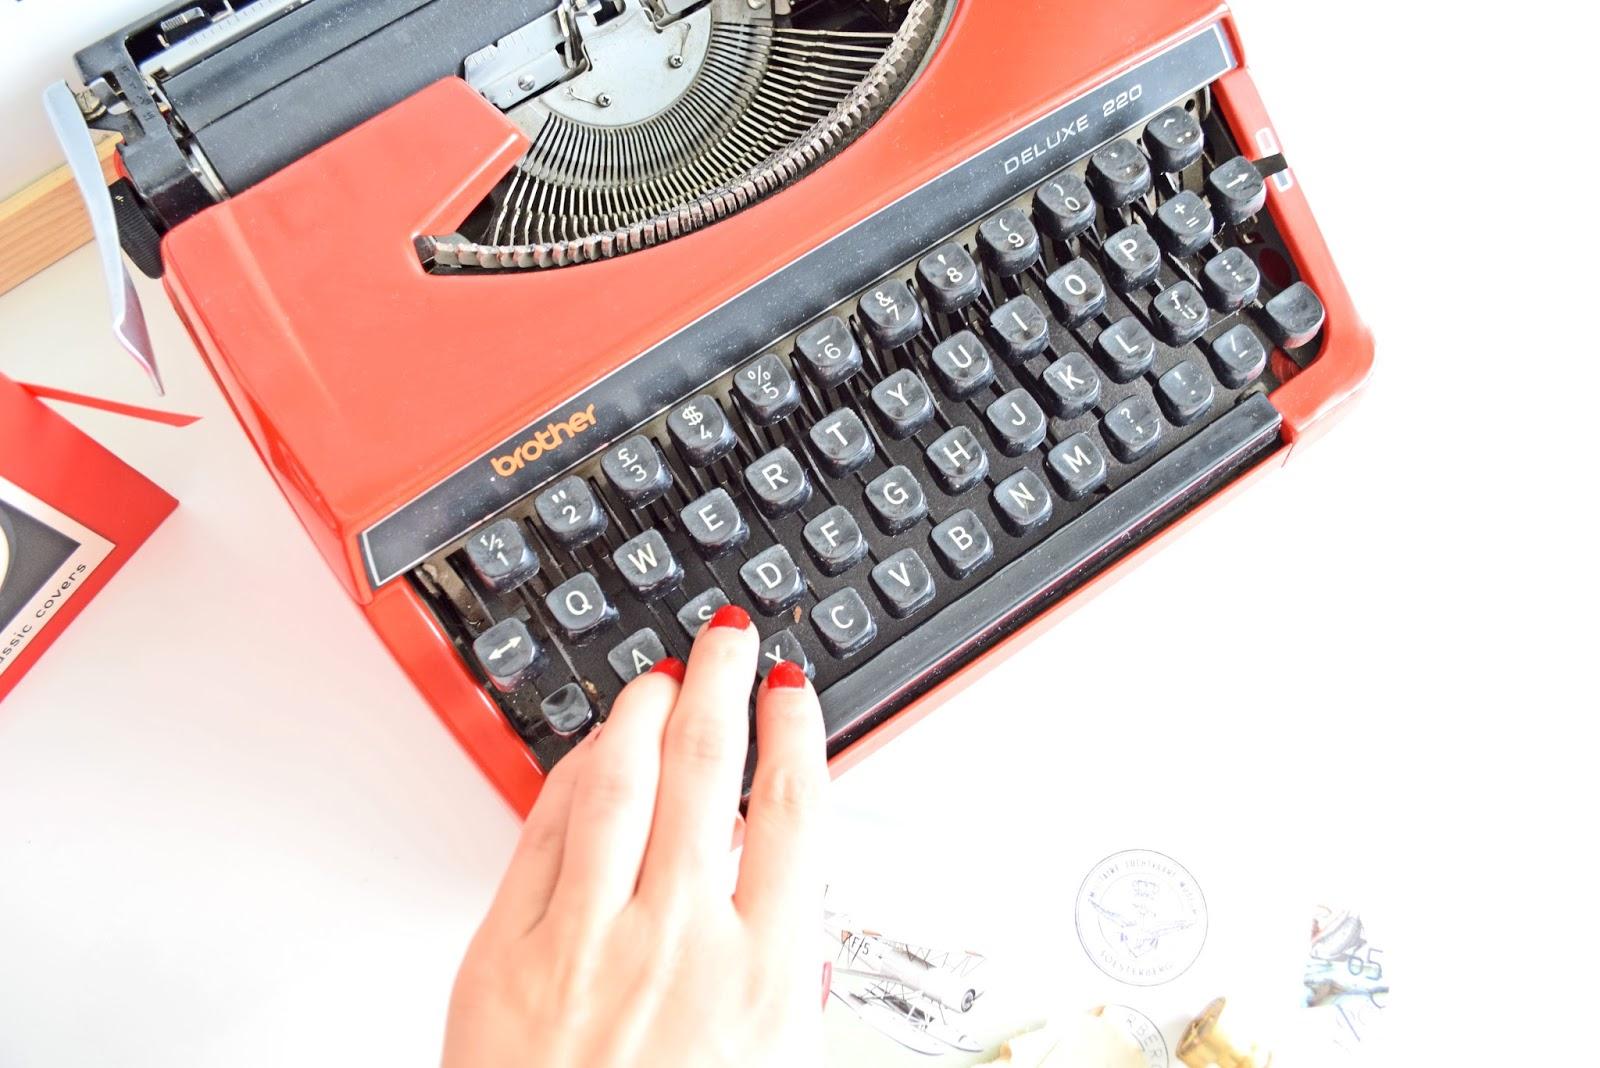 Działająca maszyna do pisania